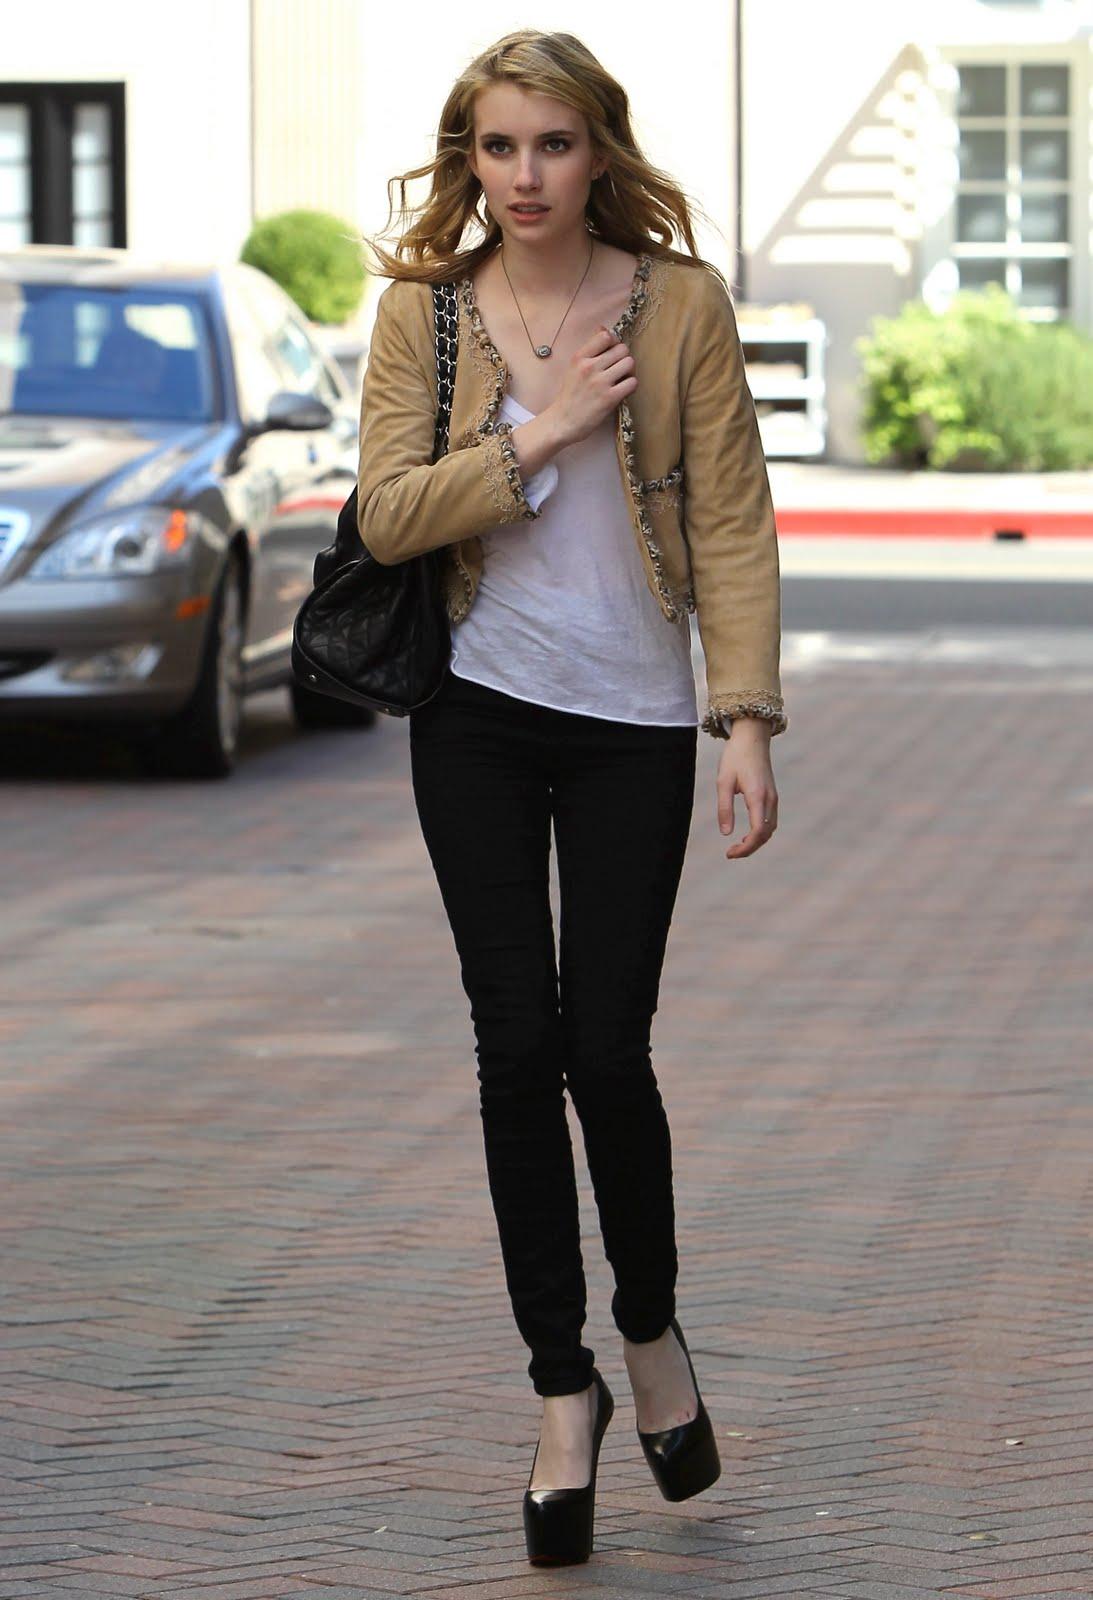 http://1.bp.blogspot.com/-bMj4GLX8dKk/TYCkRWNtvGI/AAAAAAAAHPE/xkloOW_wisc/s1600/celebskin_emma_roberts_leggy_leggings_candids_2.jpg